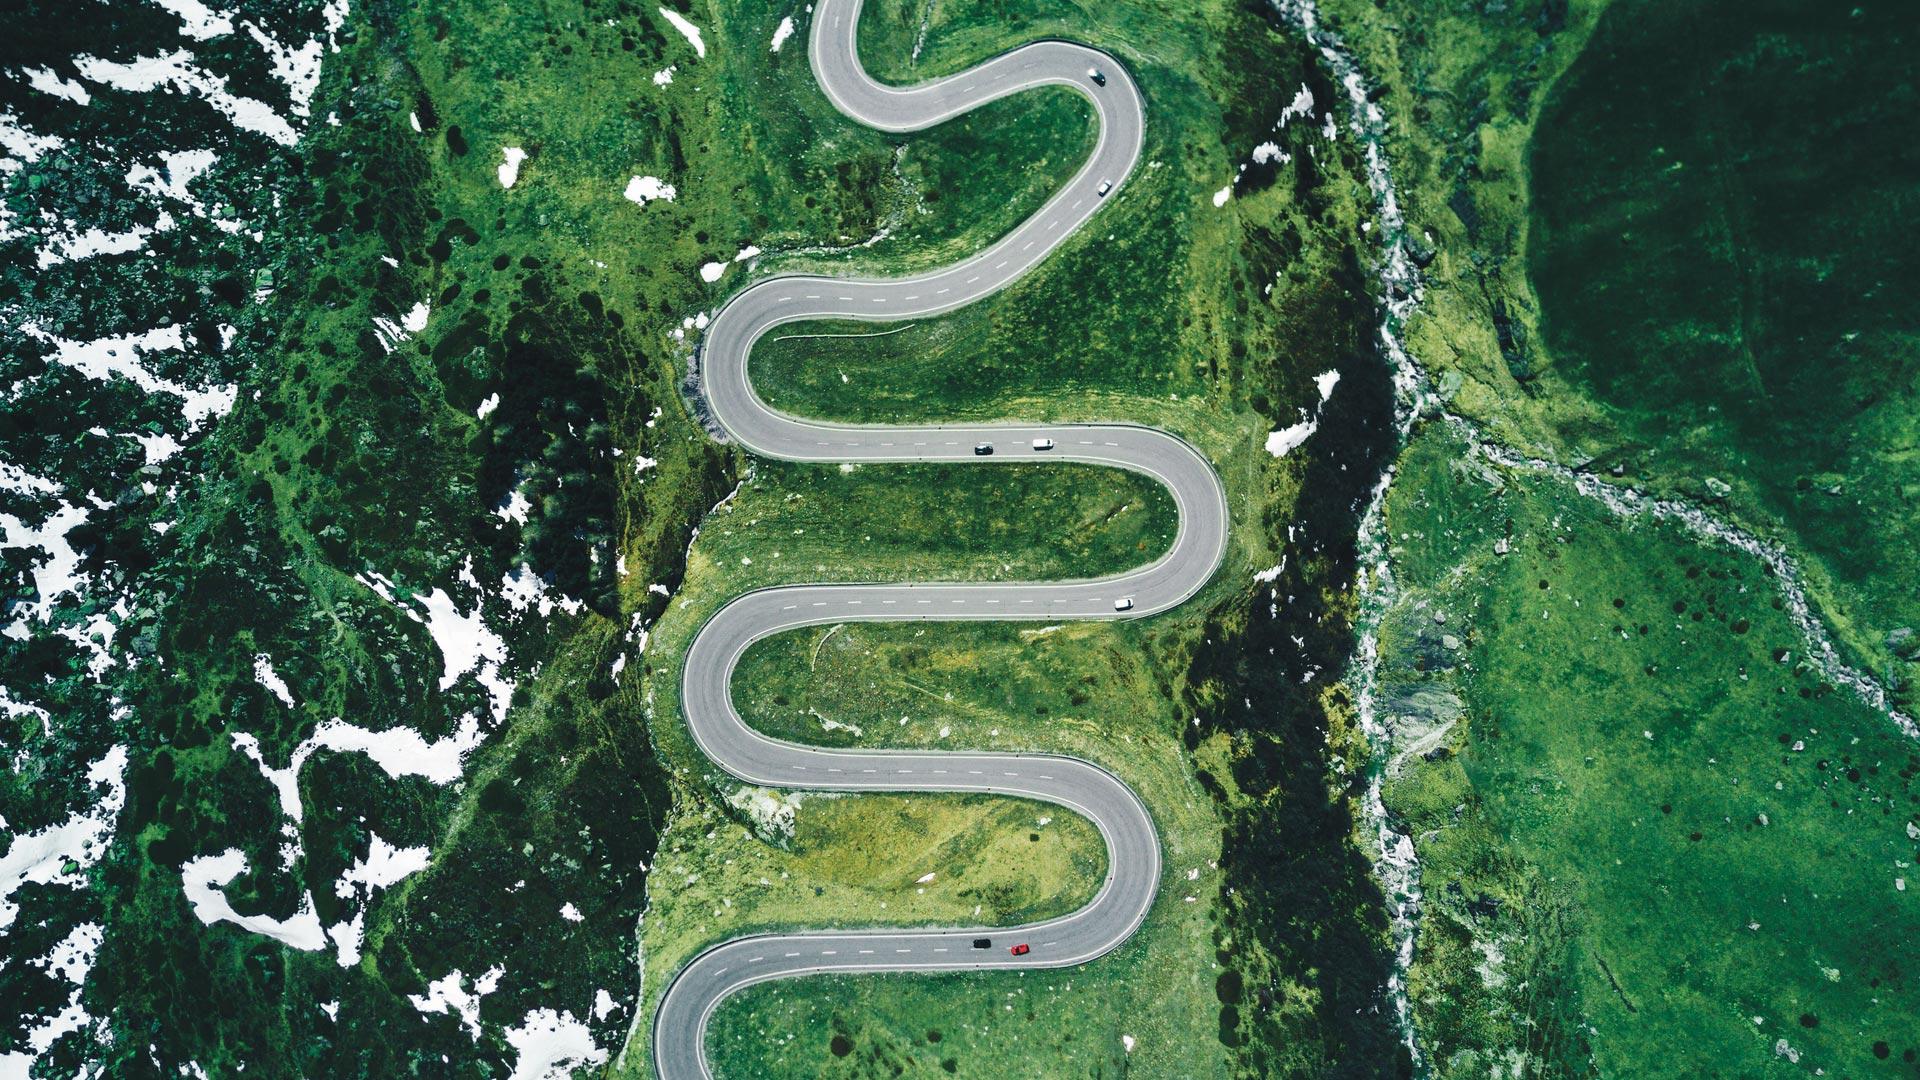 Eine Luftnahme zeigt, wie Autos auf einer Bergstraße entlang fahren.